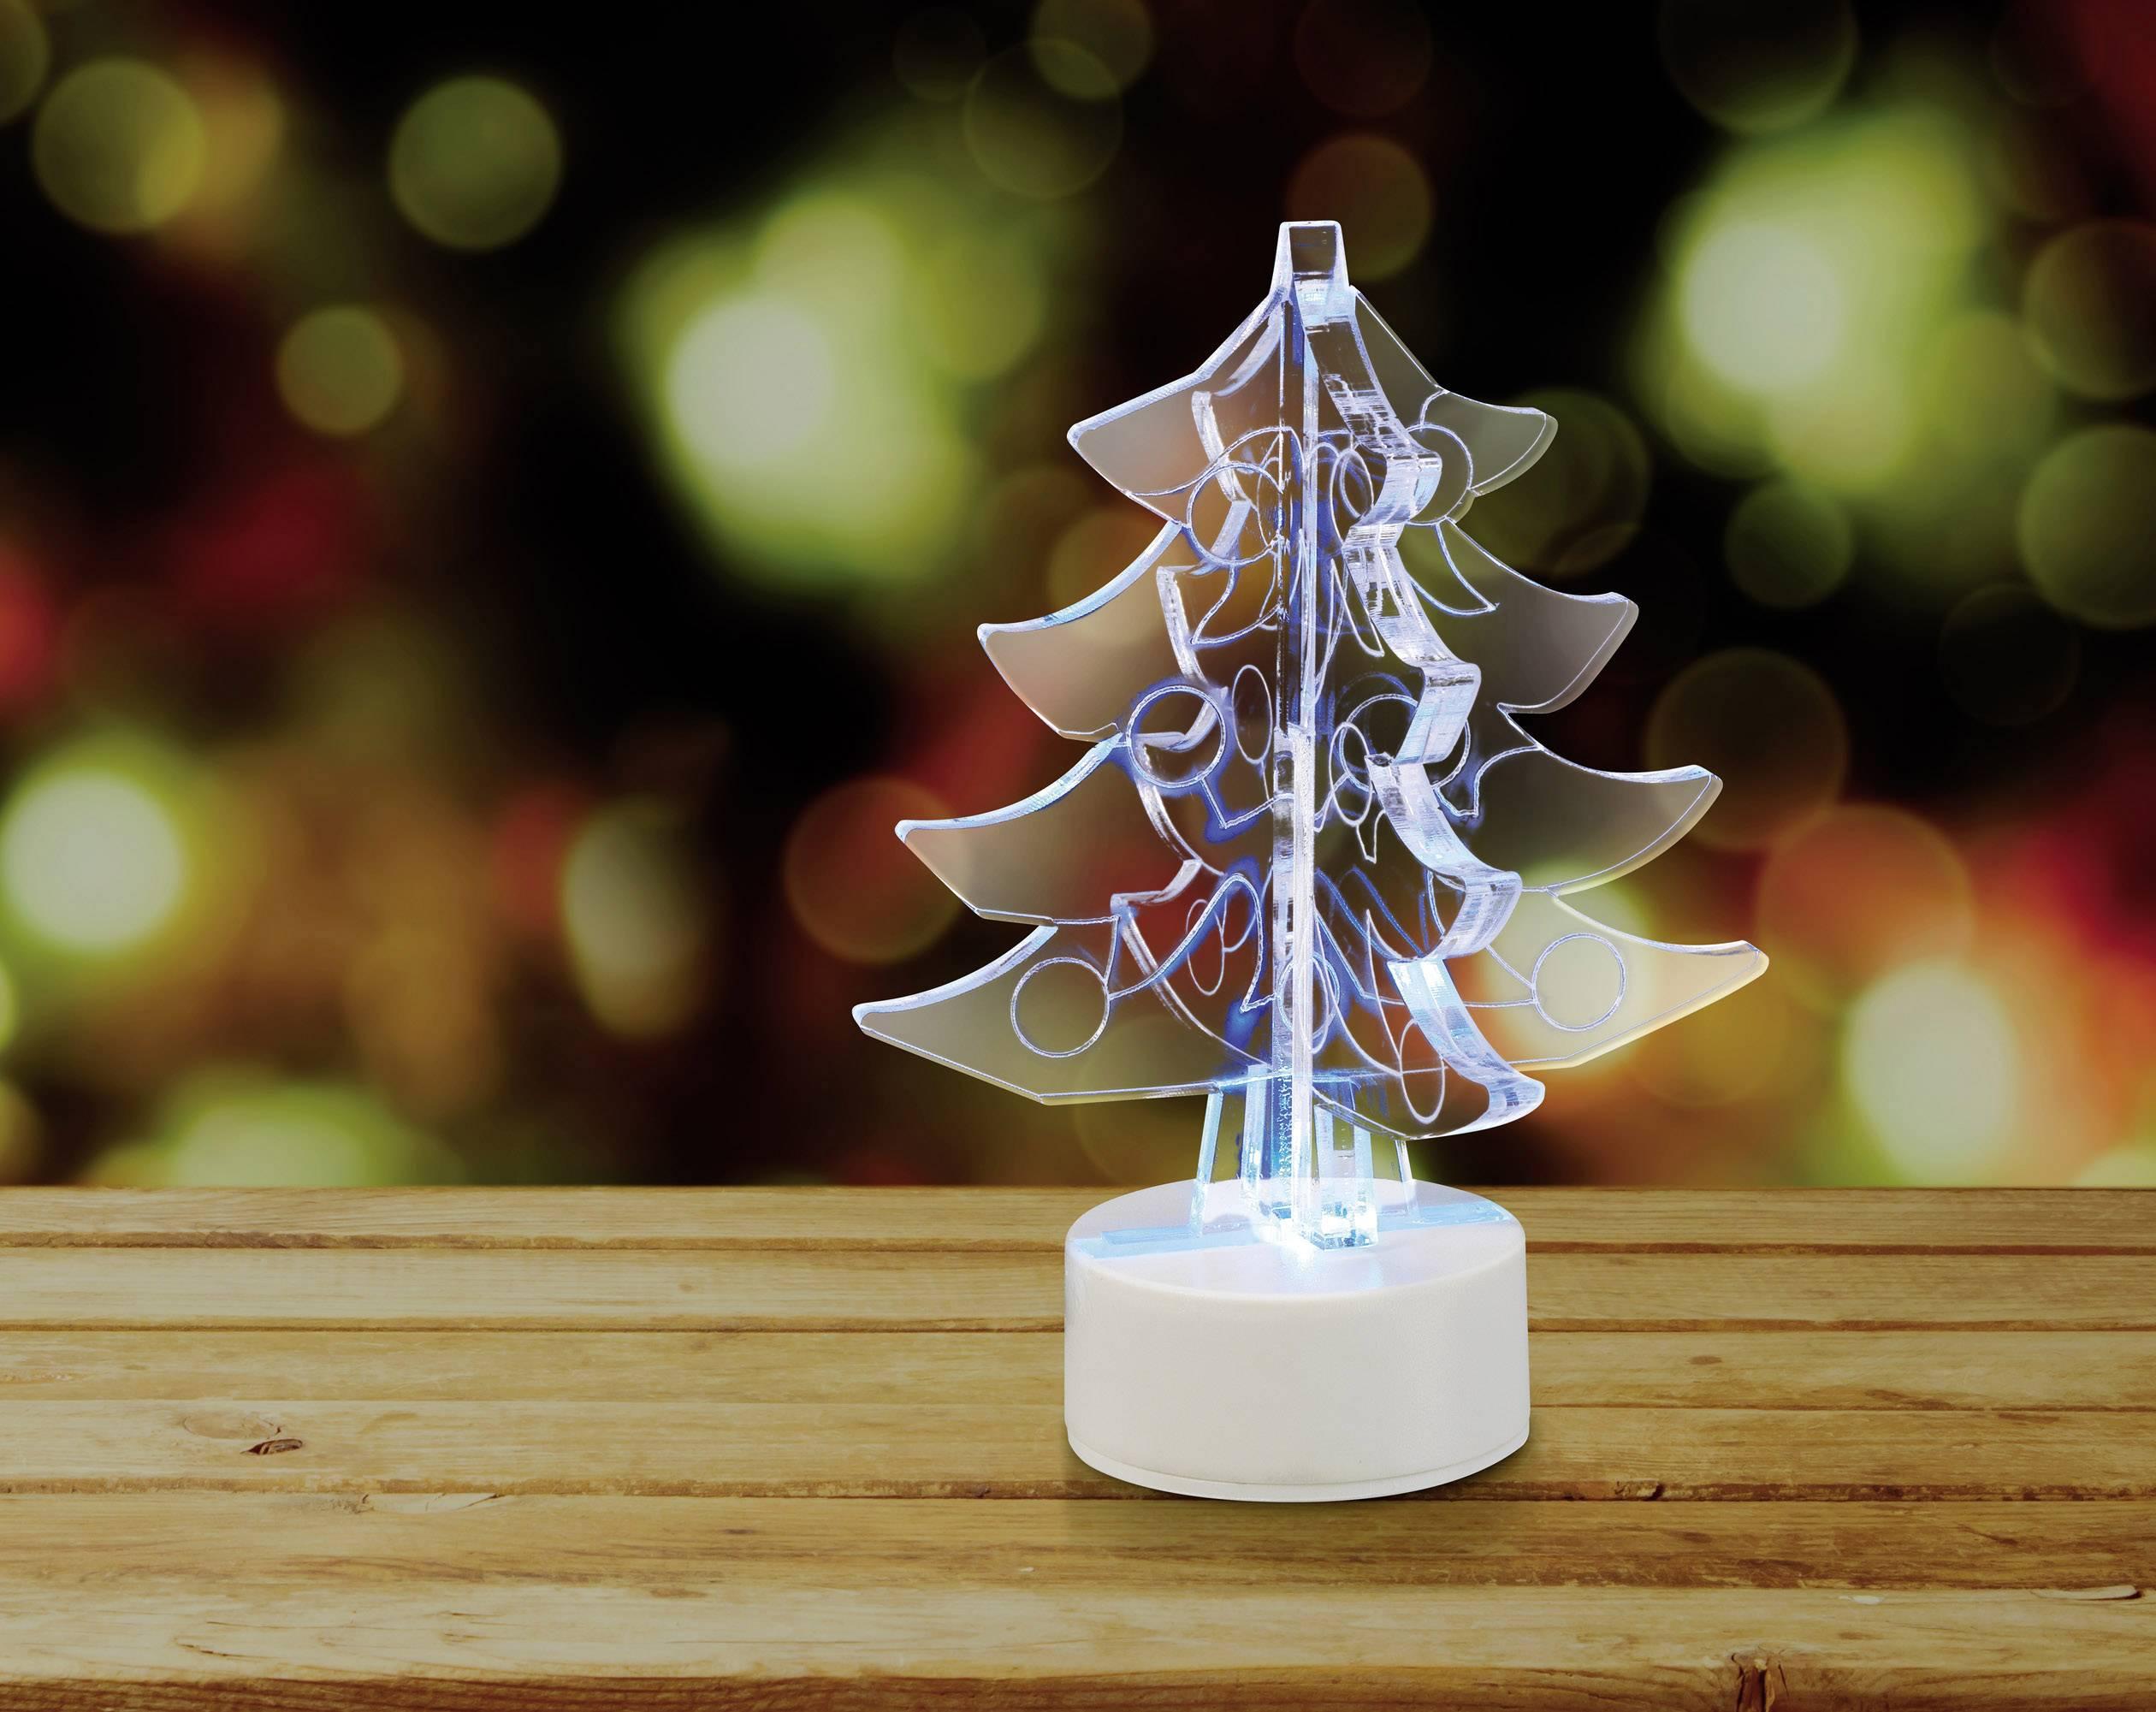 Stolný LED vianočný stromček Polarlite LBA-51-011, na batérie